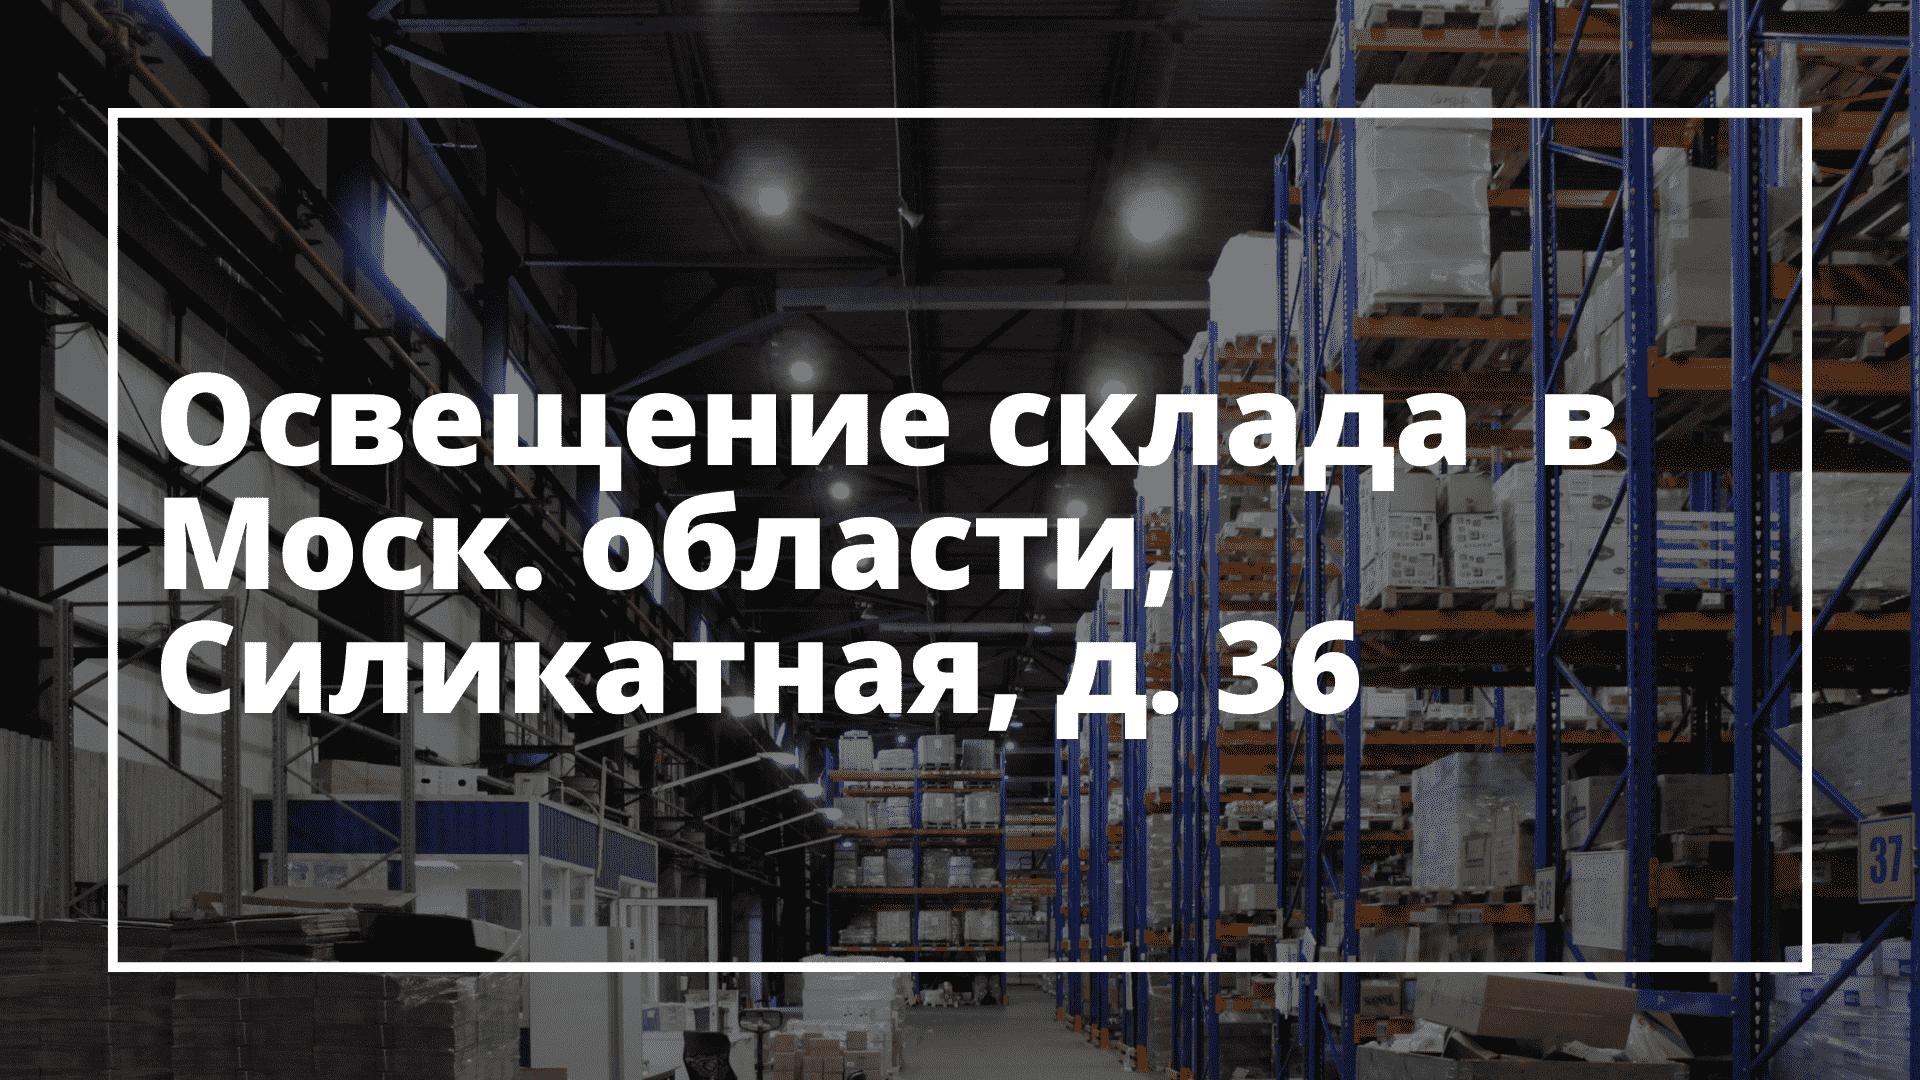 Освещение склада  в Московской области, Силикатная, д. 36